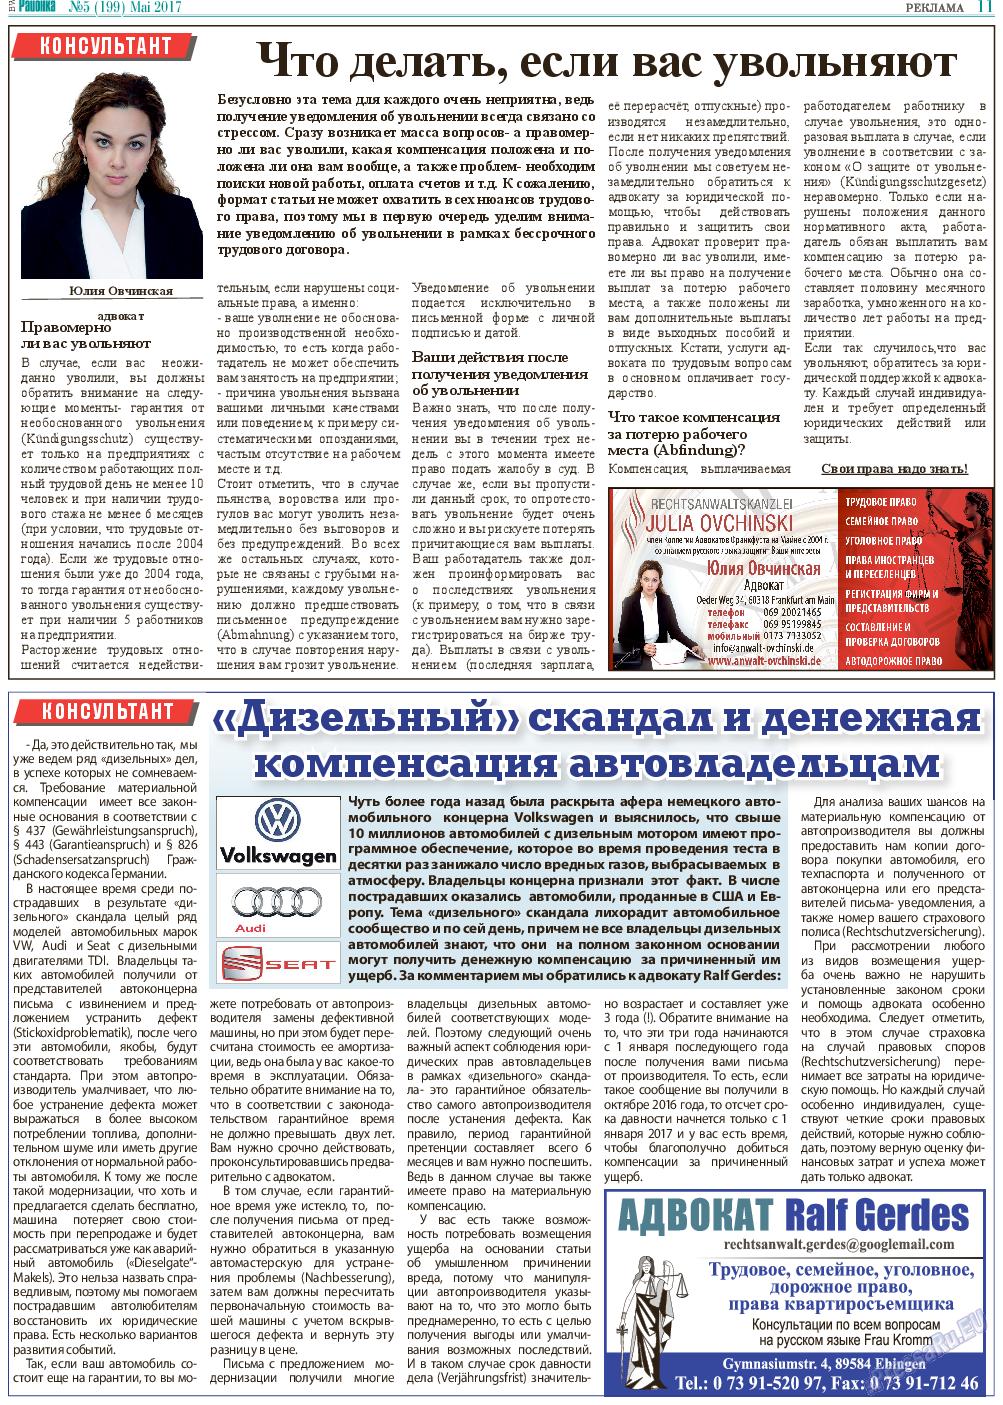 Районка-West (газета). 2017 год, номер 5, стр. 11